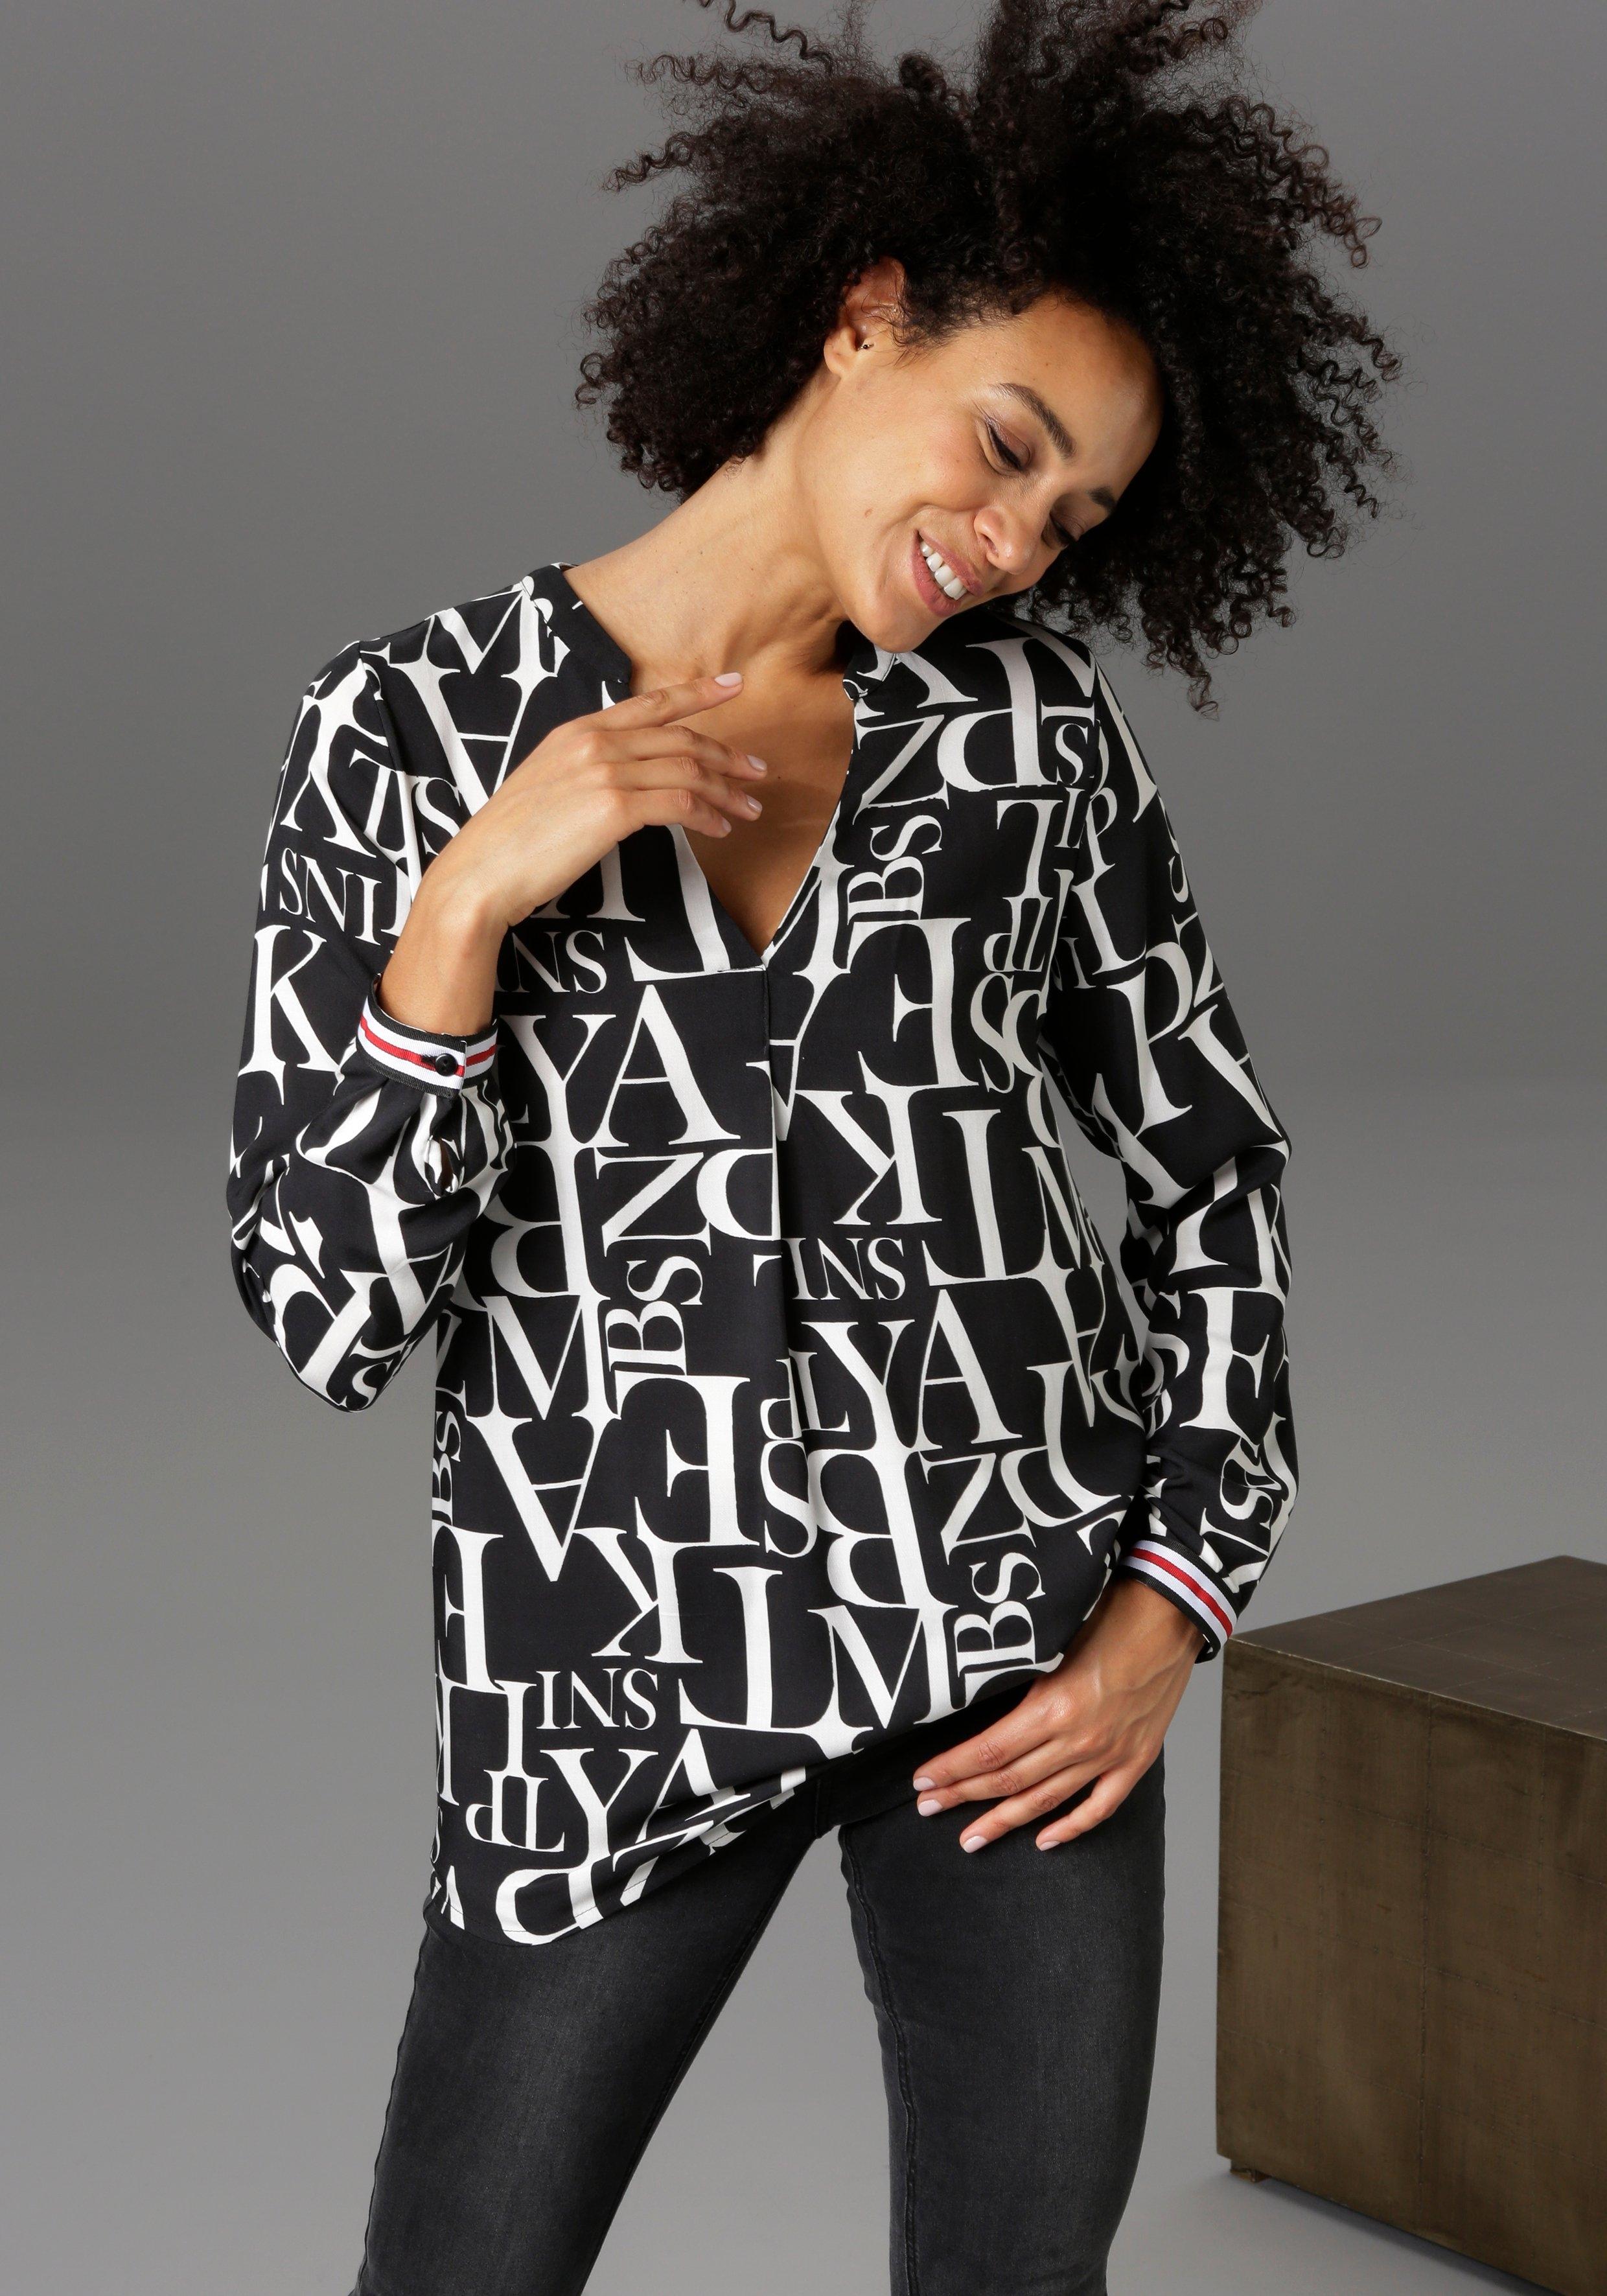 Aniston CASUAL blouse zonder sluiting met letters gedessineerd - nieuwe collectie nu online kopen bij OTTO